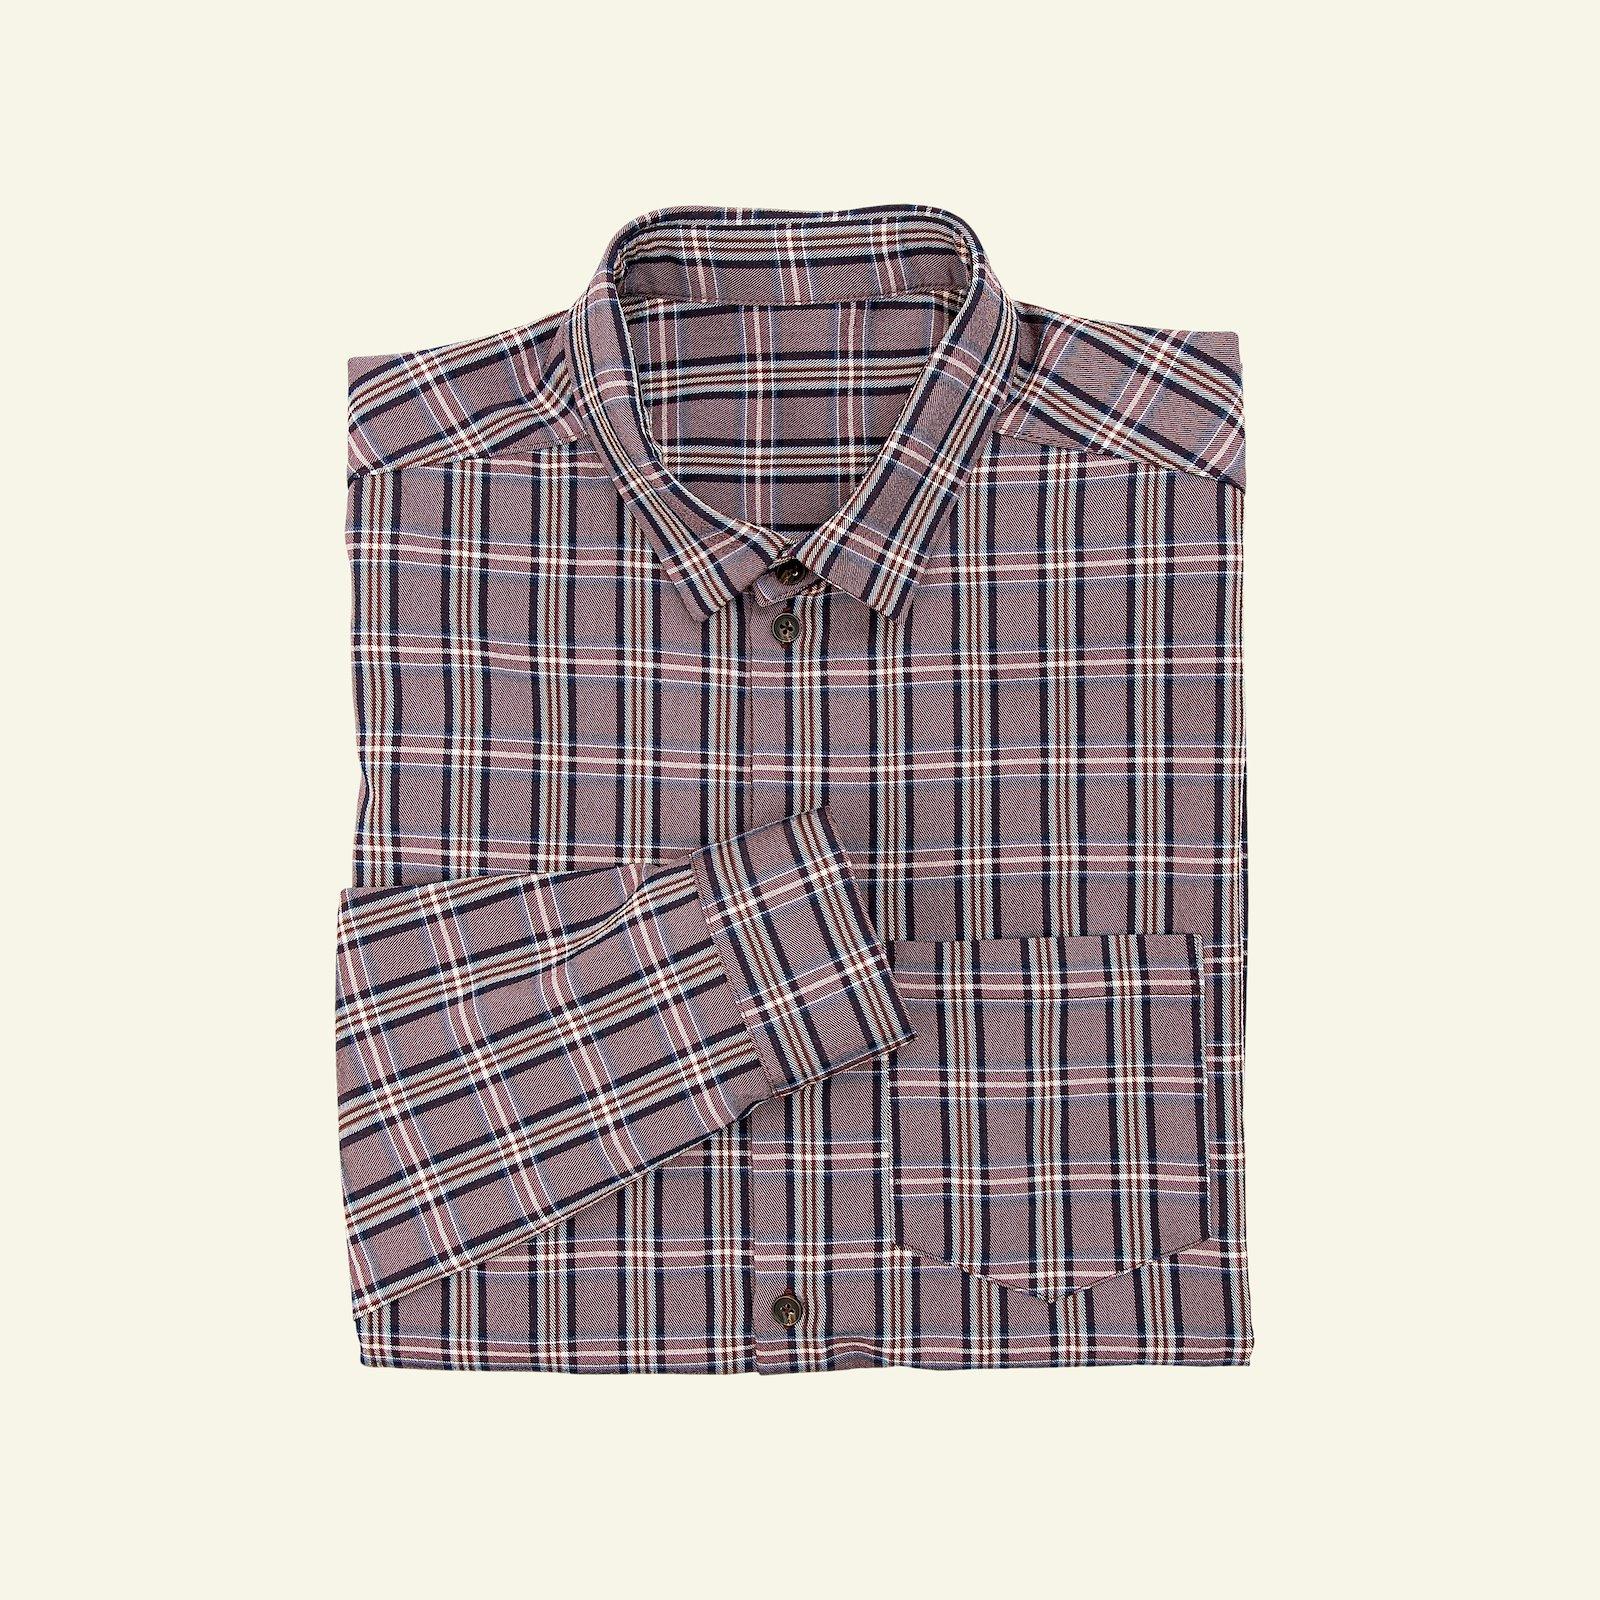 Shirt, S p87001_300219_40332_sskit